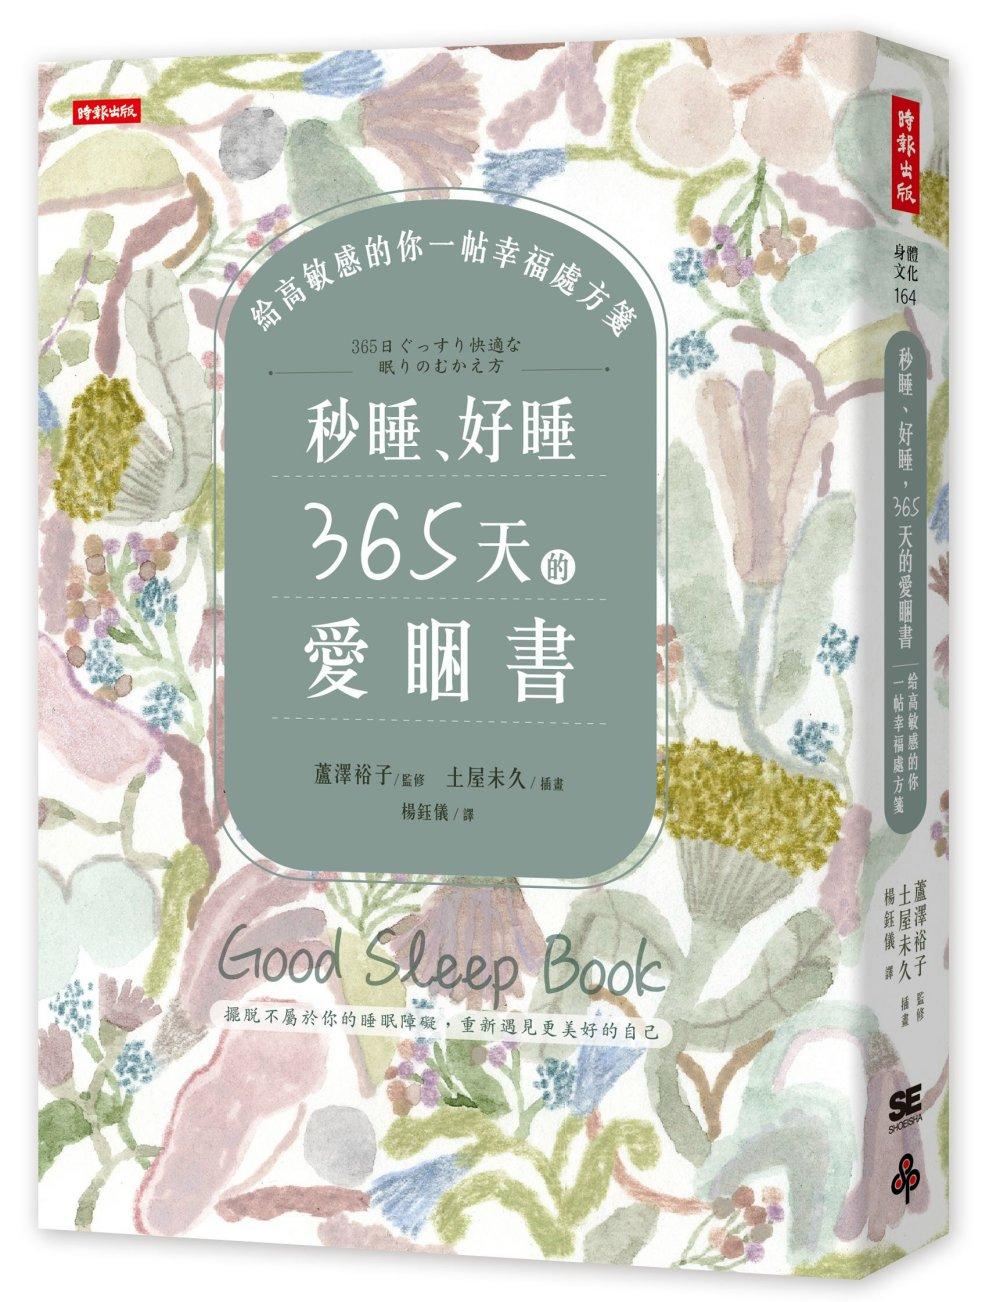 秒睡、好睡,365天的愛睏書:...